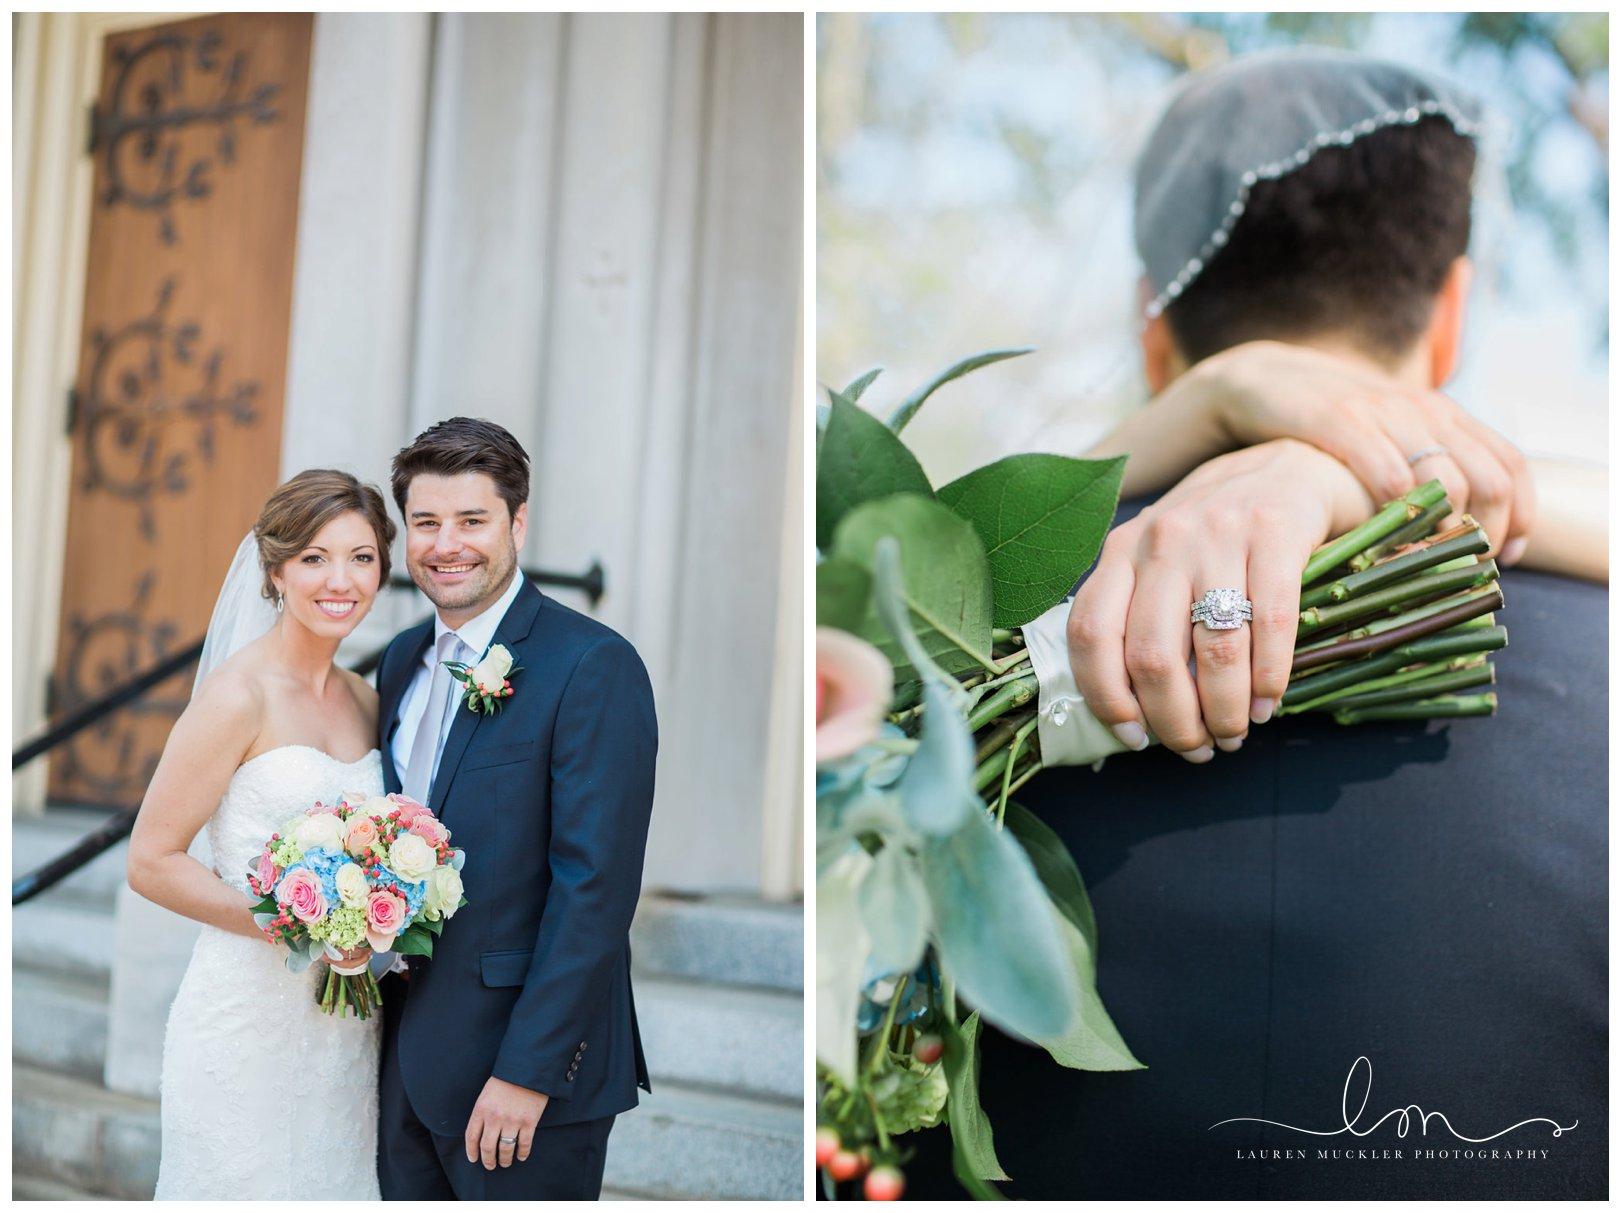 lauren muckler photography_fine art film wedding photography_st louis_photography_0015.jpg